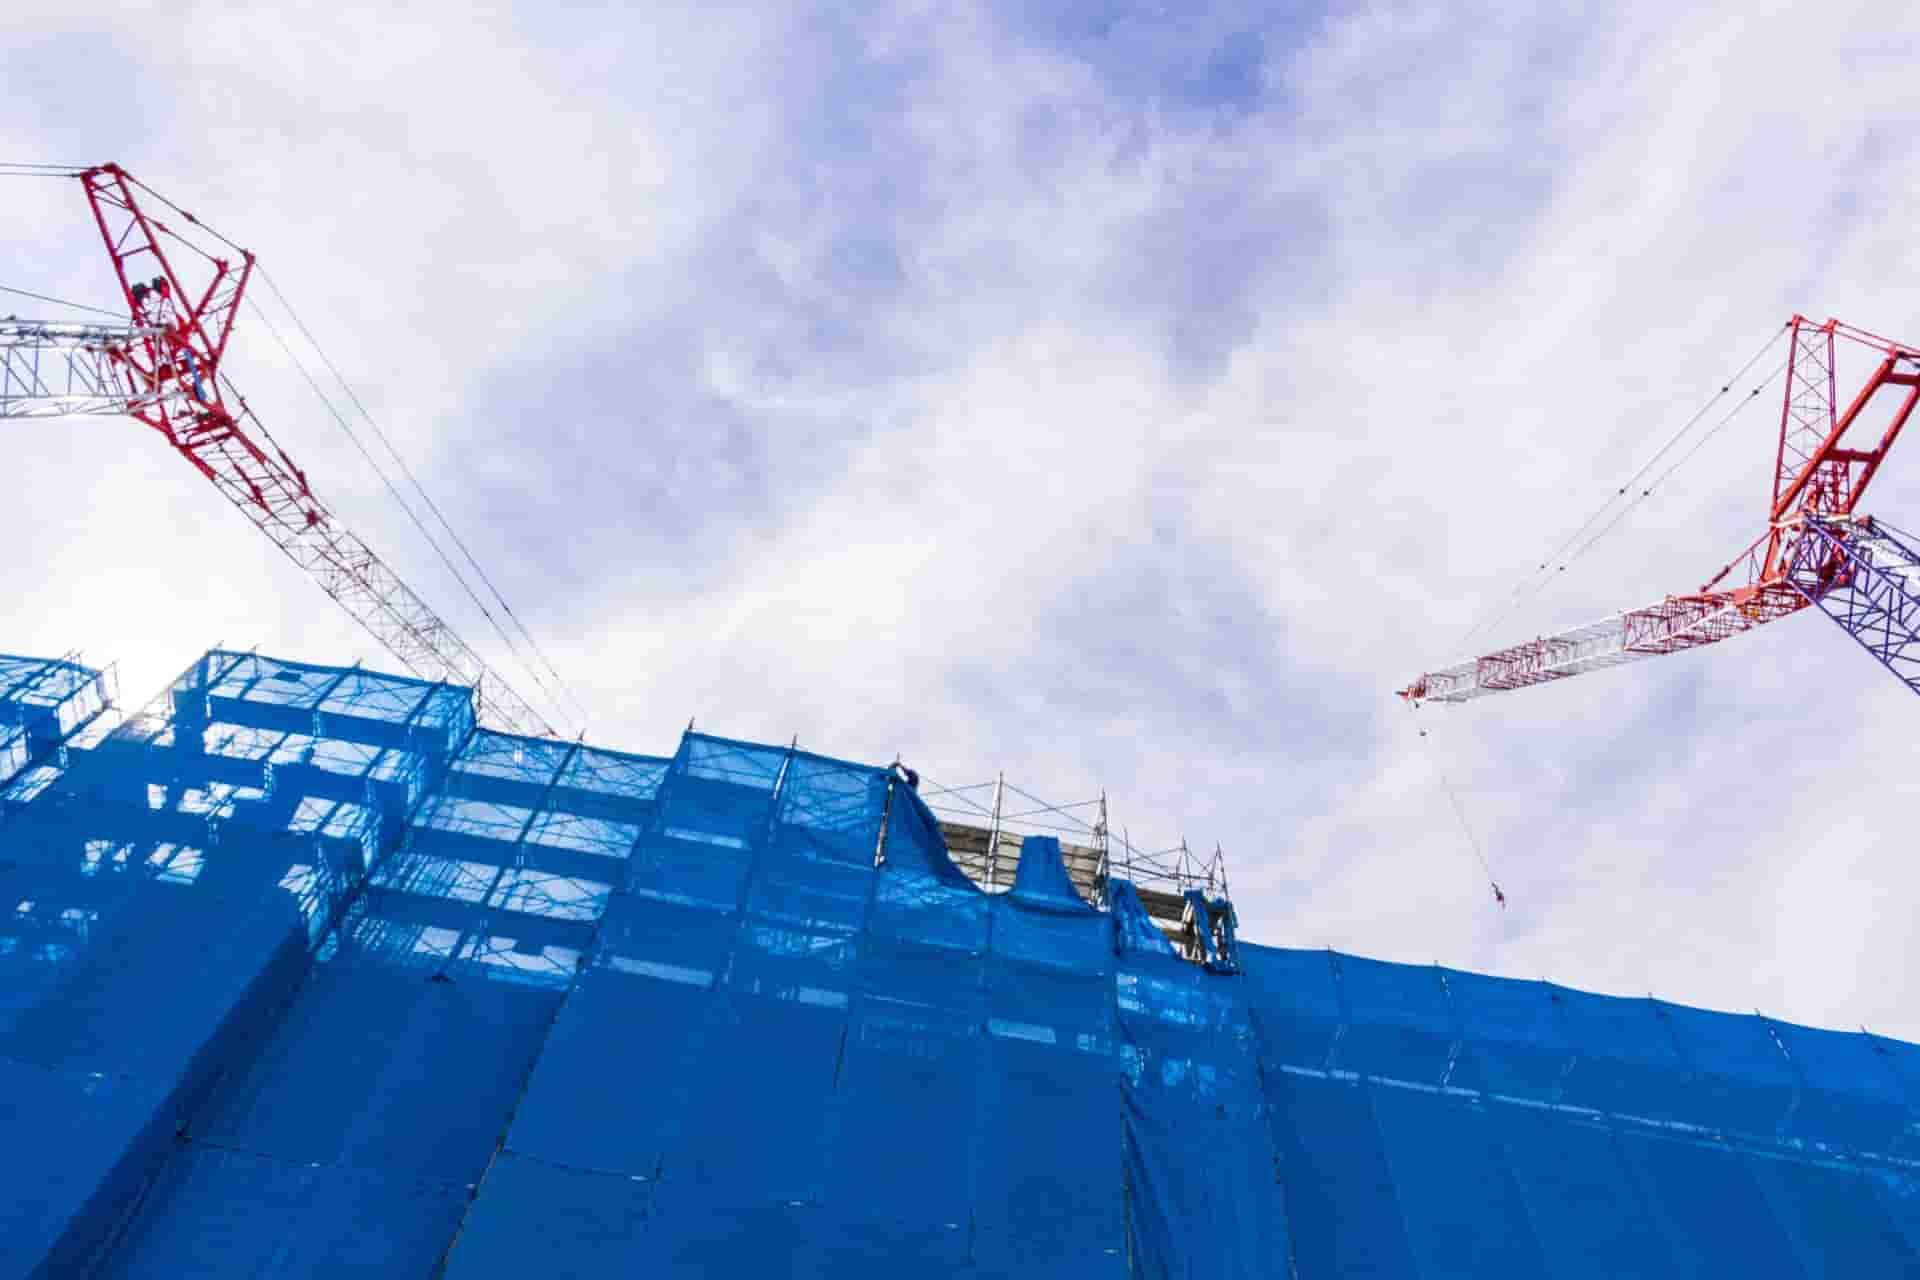 ゼネコンとは?建設業界における役割や仕事・就職する魅力を解説